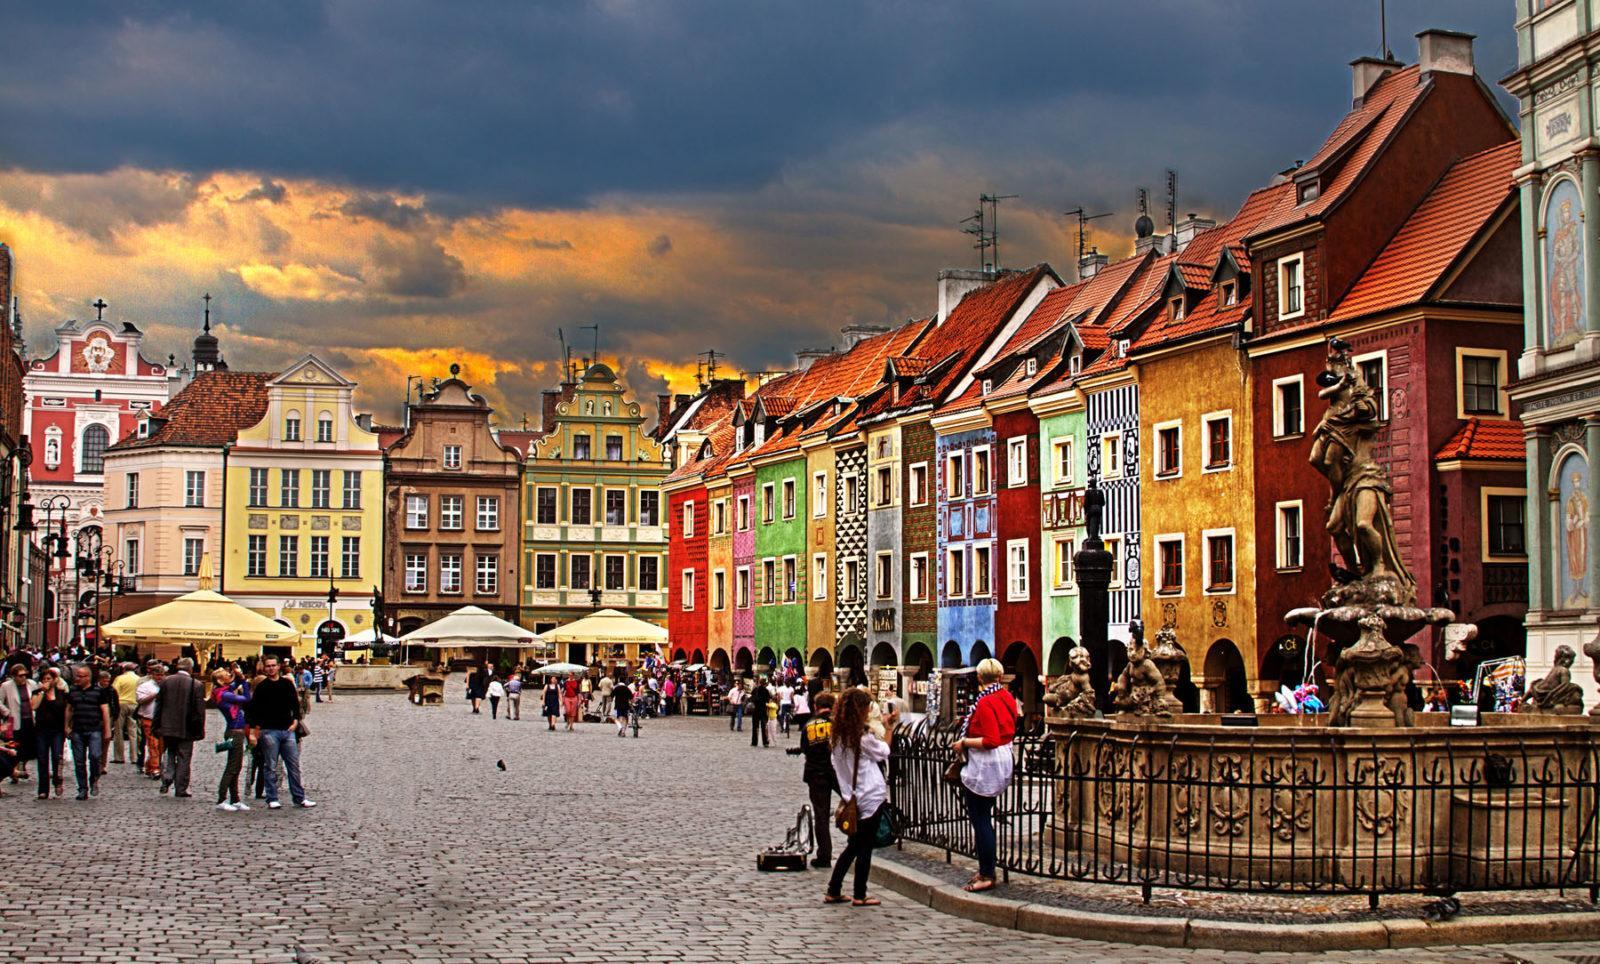 poznan - ავიაბილეთები პოზნანი